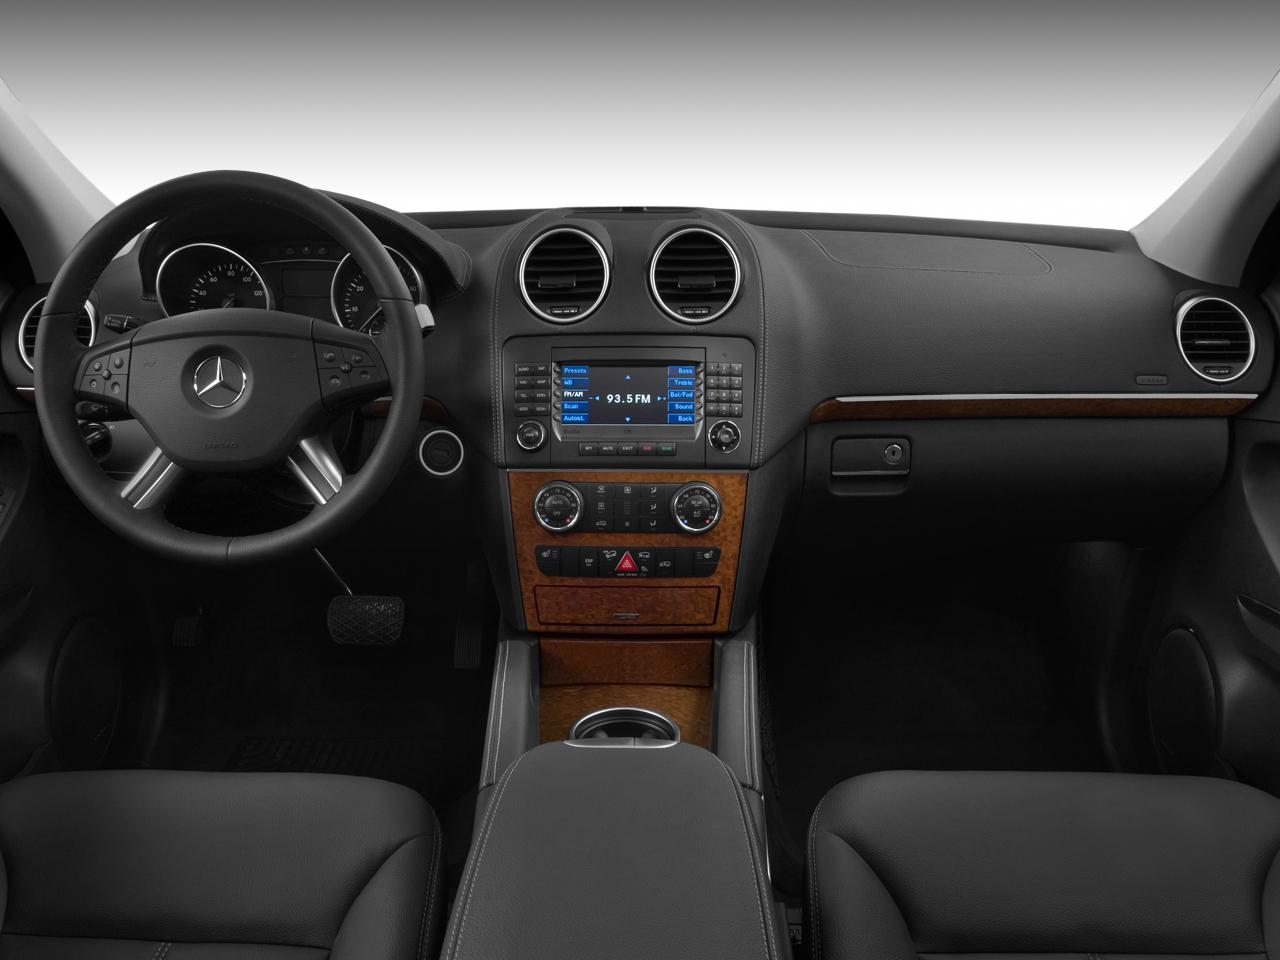 2009 Mercedes Benz Ml320 Bluetec Gl320 Bluetec And R320